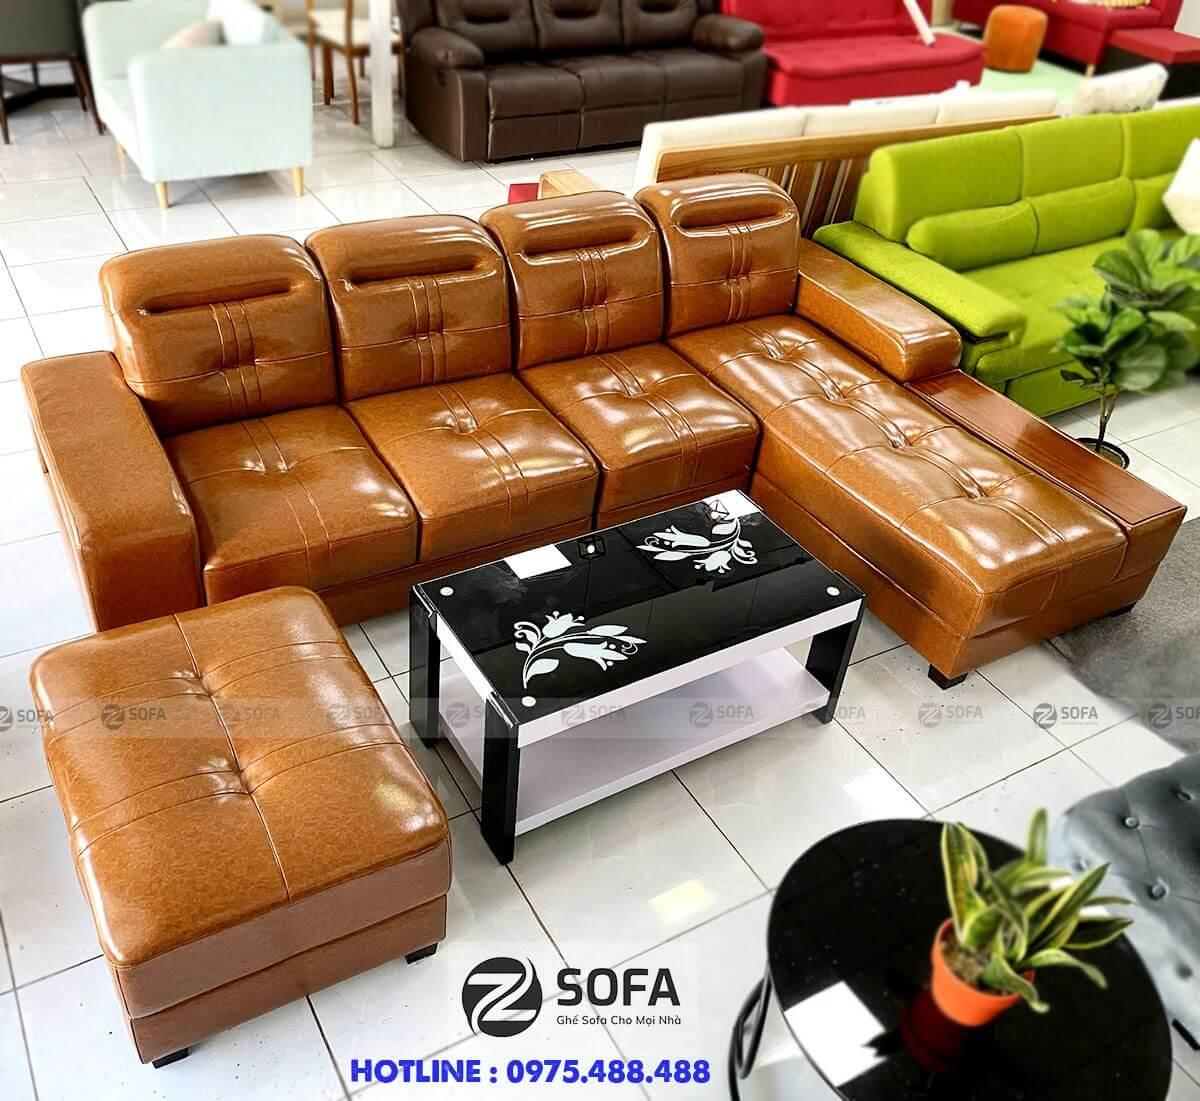 Mua ghế sofa màu ấm nóng ở đâu chất lượng